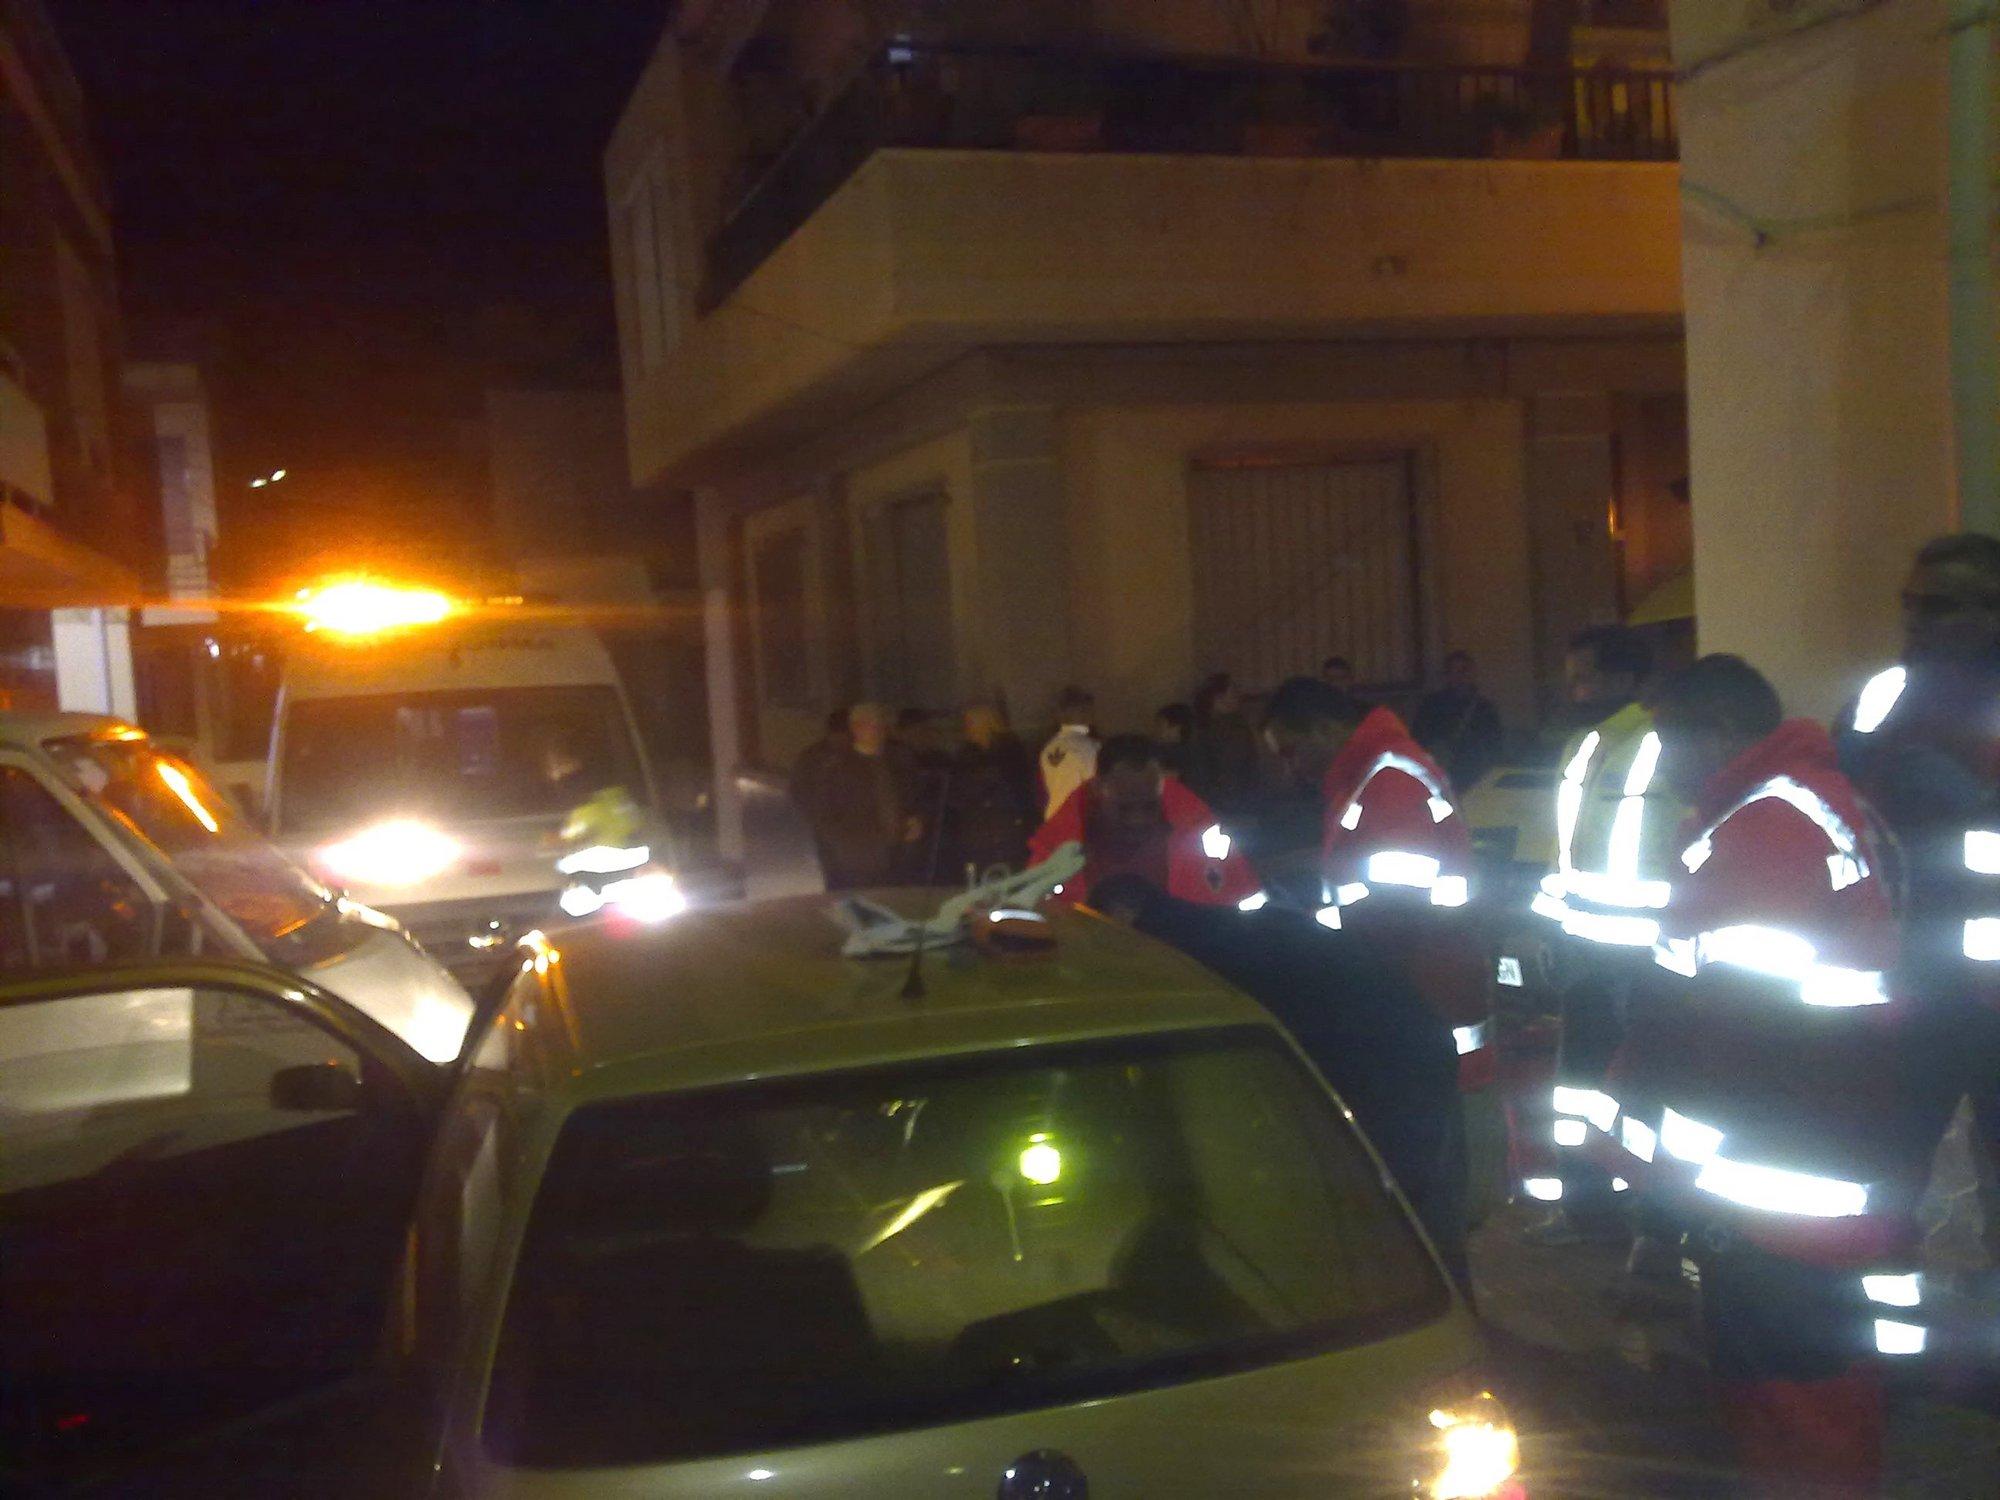 El 061 asistió a 81 personas por 53 accidentes de tráfico registrados el fin de semana en Galicia, de las que una murió